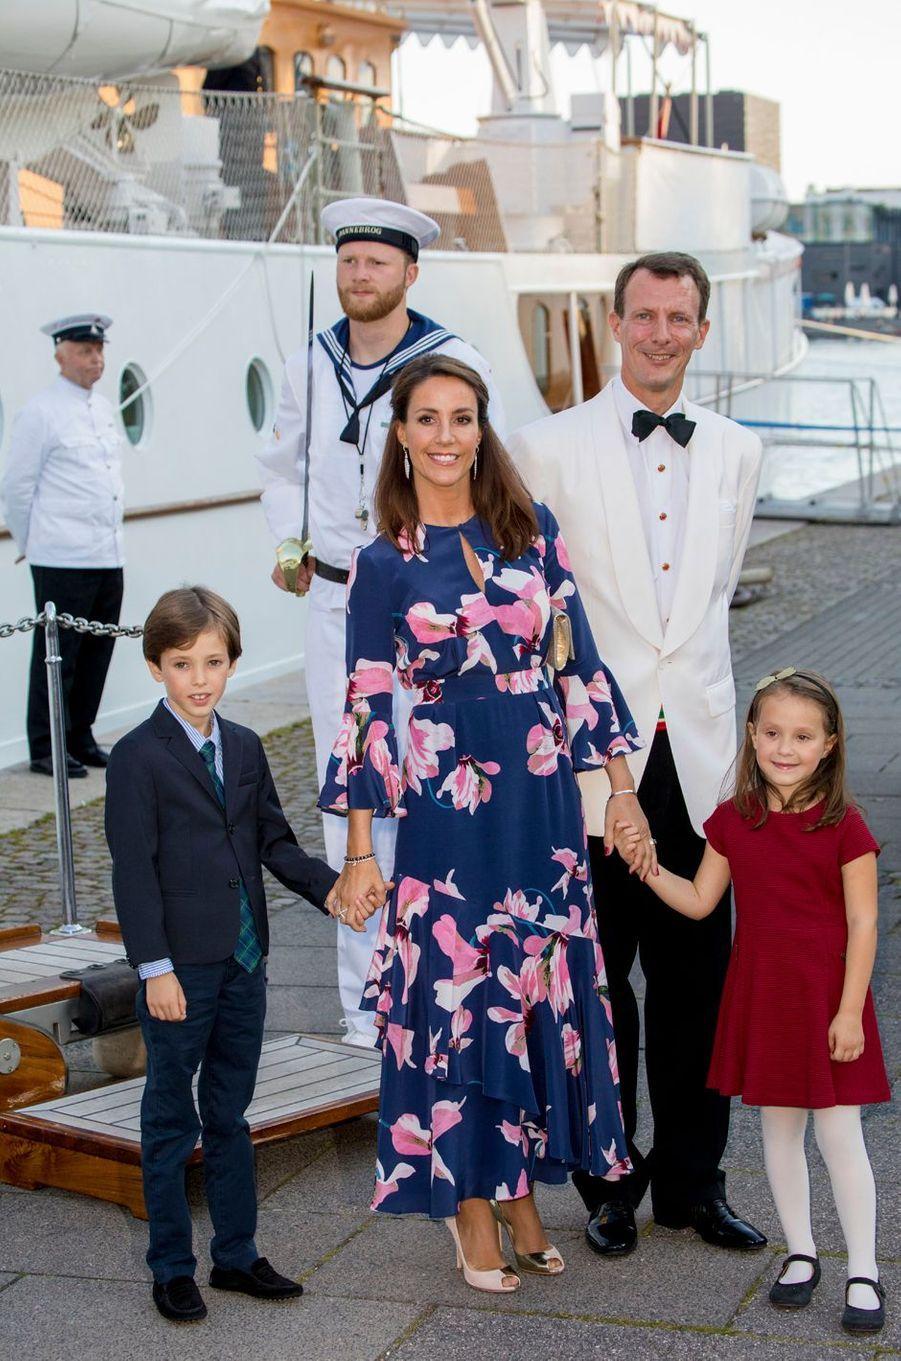 La princesse Marie et le prince Joachim de Danemark avec leurs enfants à Copenhague, le 28 août 2017